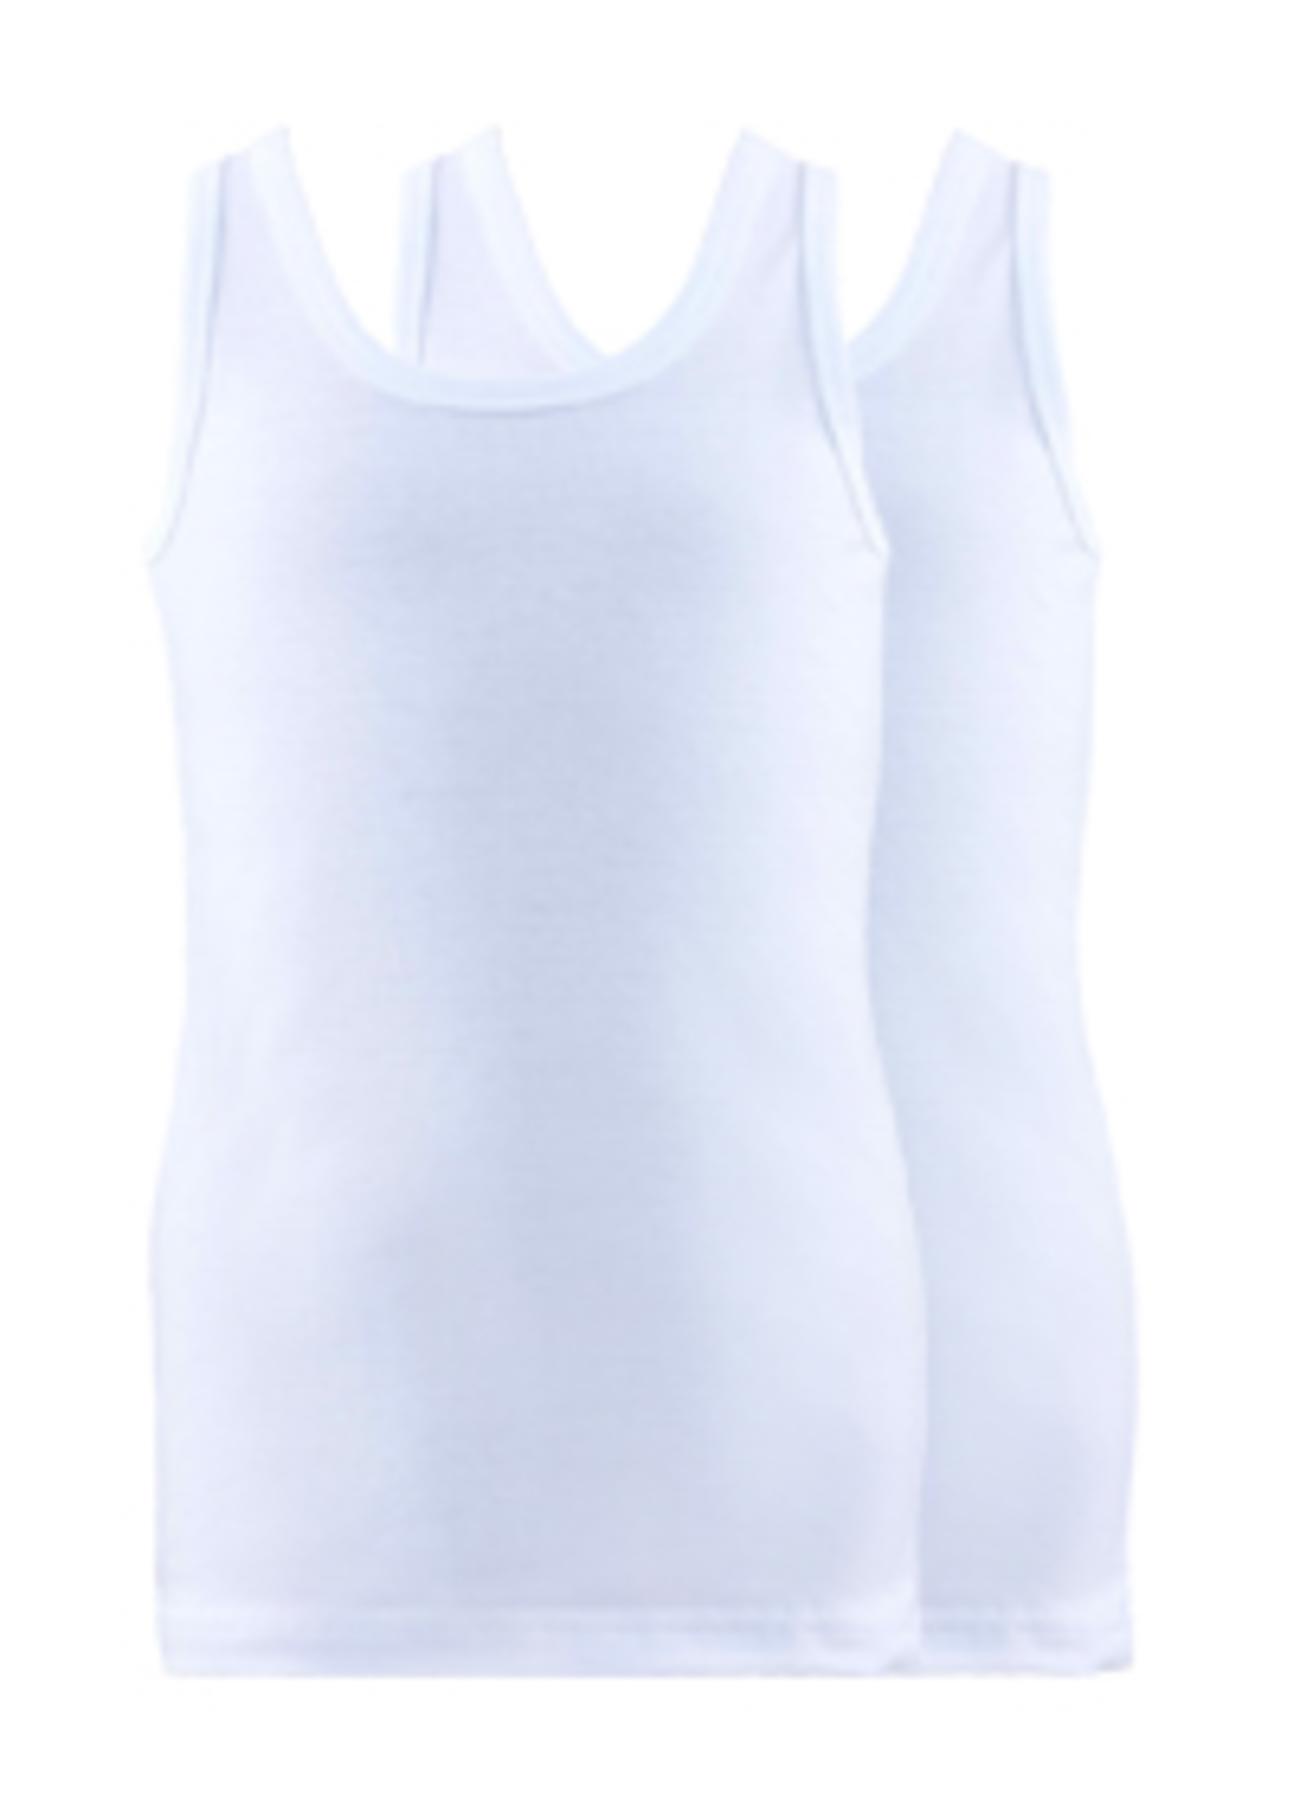 140 cm Beyaz Blackspade 2'li Erkek Çocuk İç Giyim Atlet 5001955005003 Ev & &Fanila